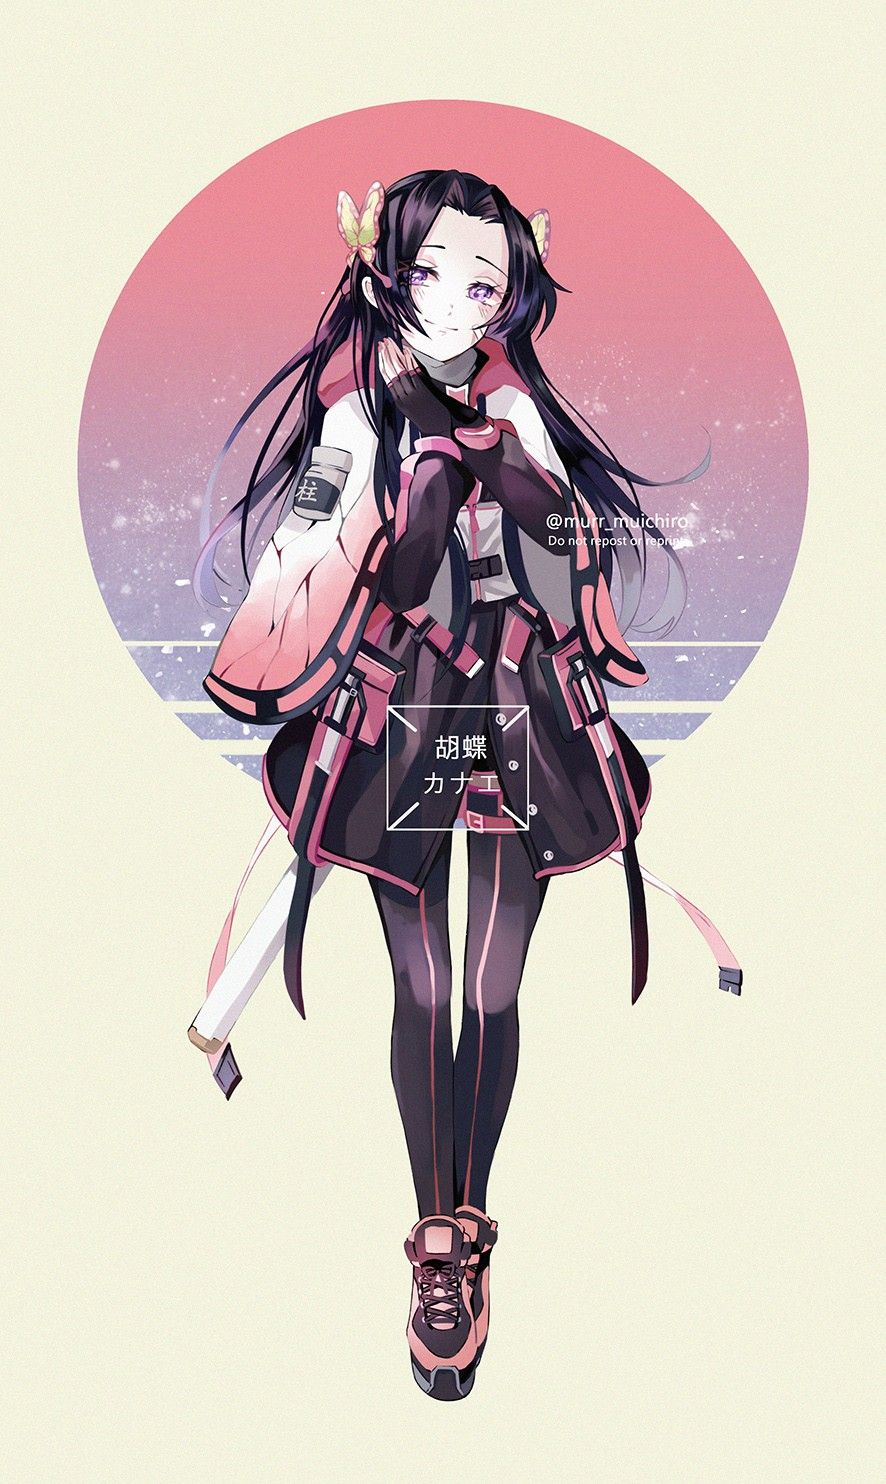 Pin Oleh Sana Di Anime Manga Ilustrasi Karakter Gambar Karakter Animasi